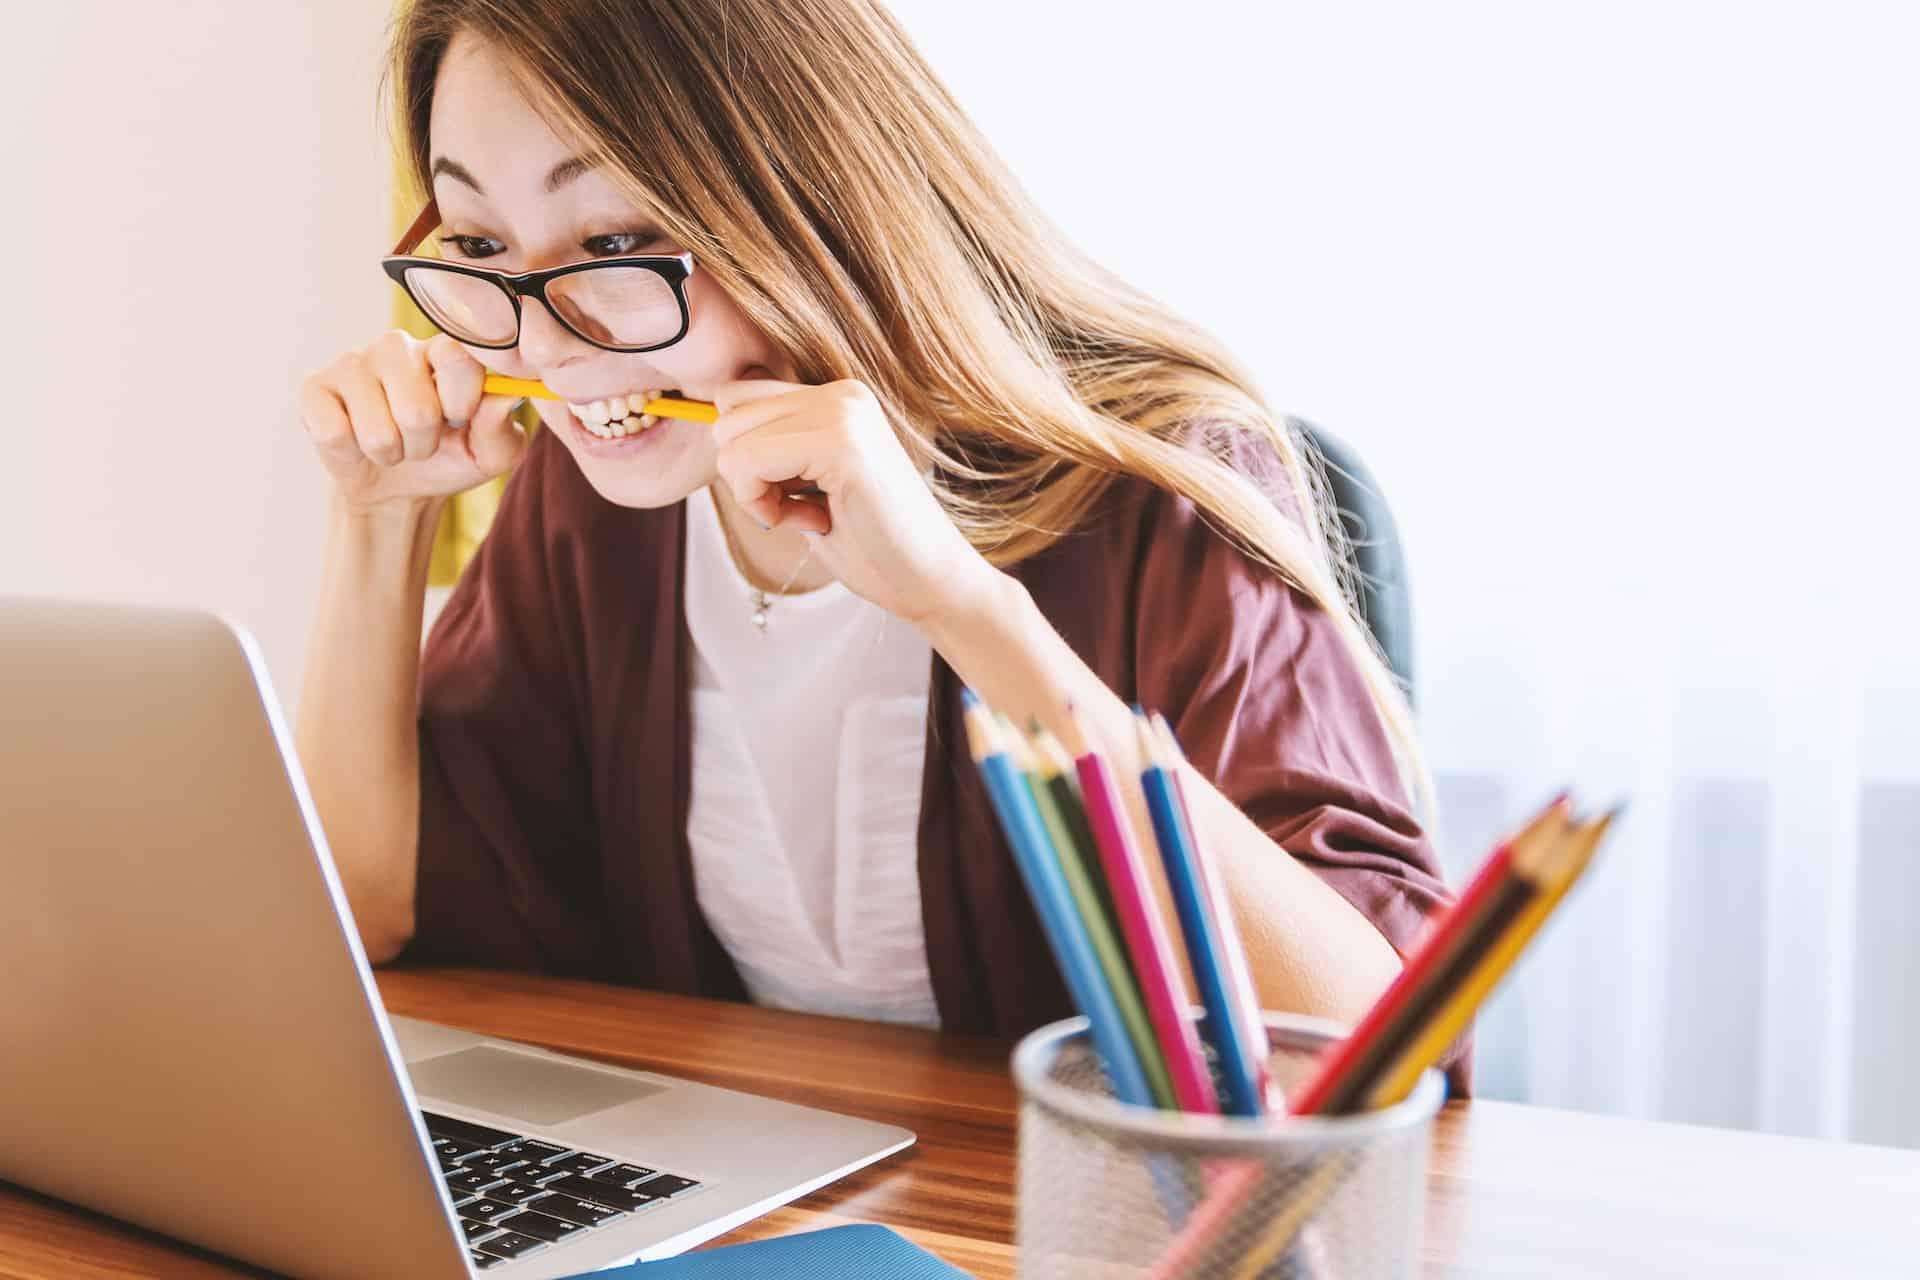 Frau sitzt am Schreibtisch und beisst auf einen Buntstift